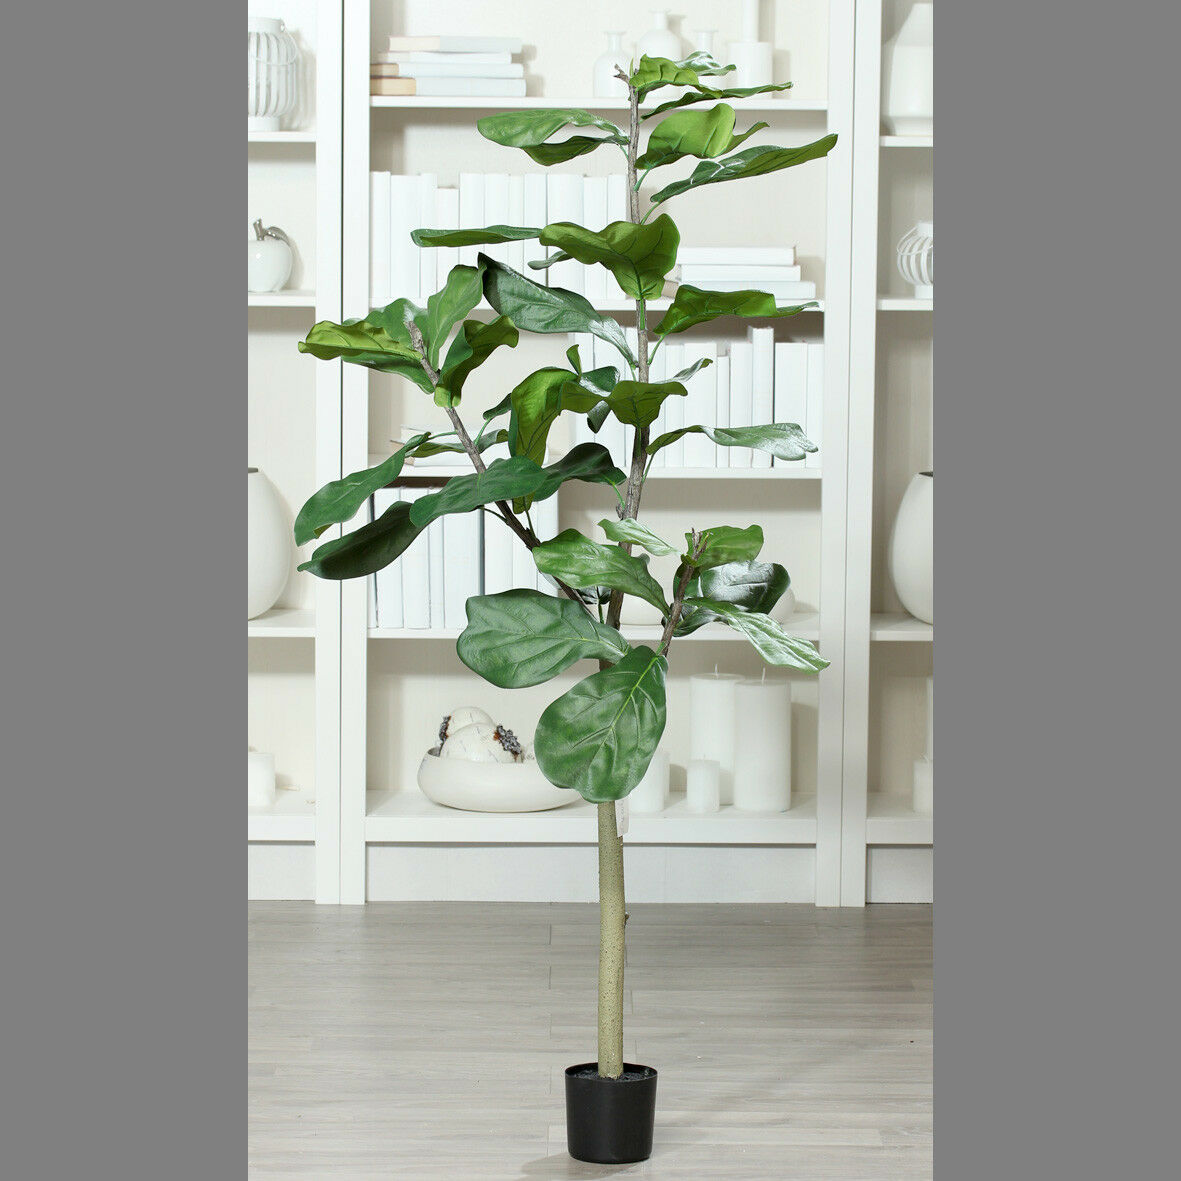 Geigenfeige 160cm DP Kunstbaum Kunstpflanzen künstlicher Baum Ficus Lykra